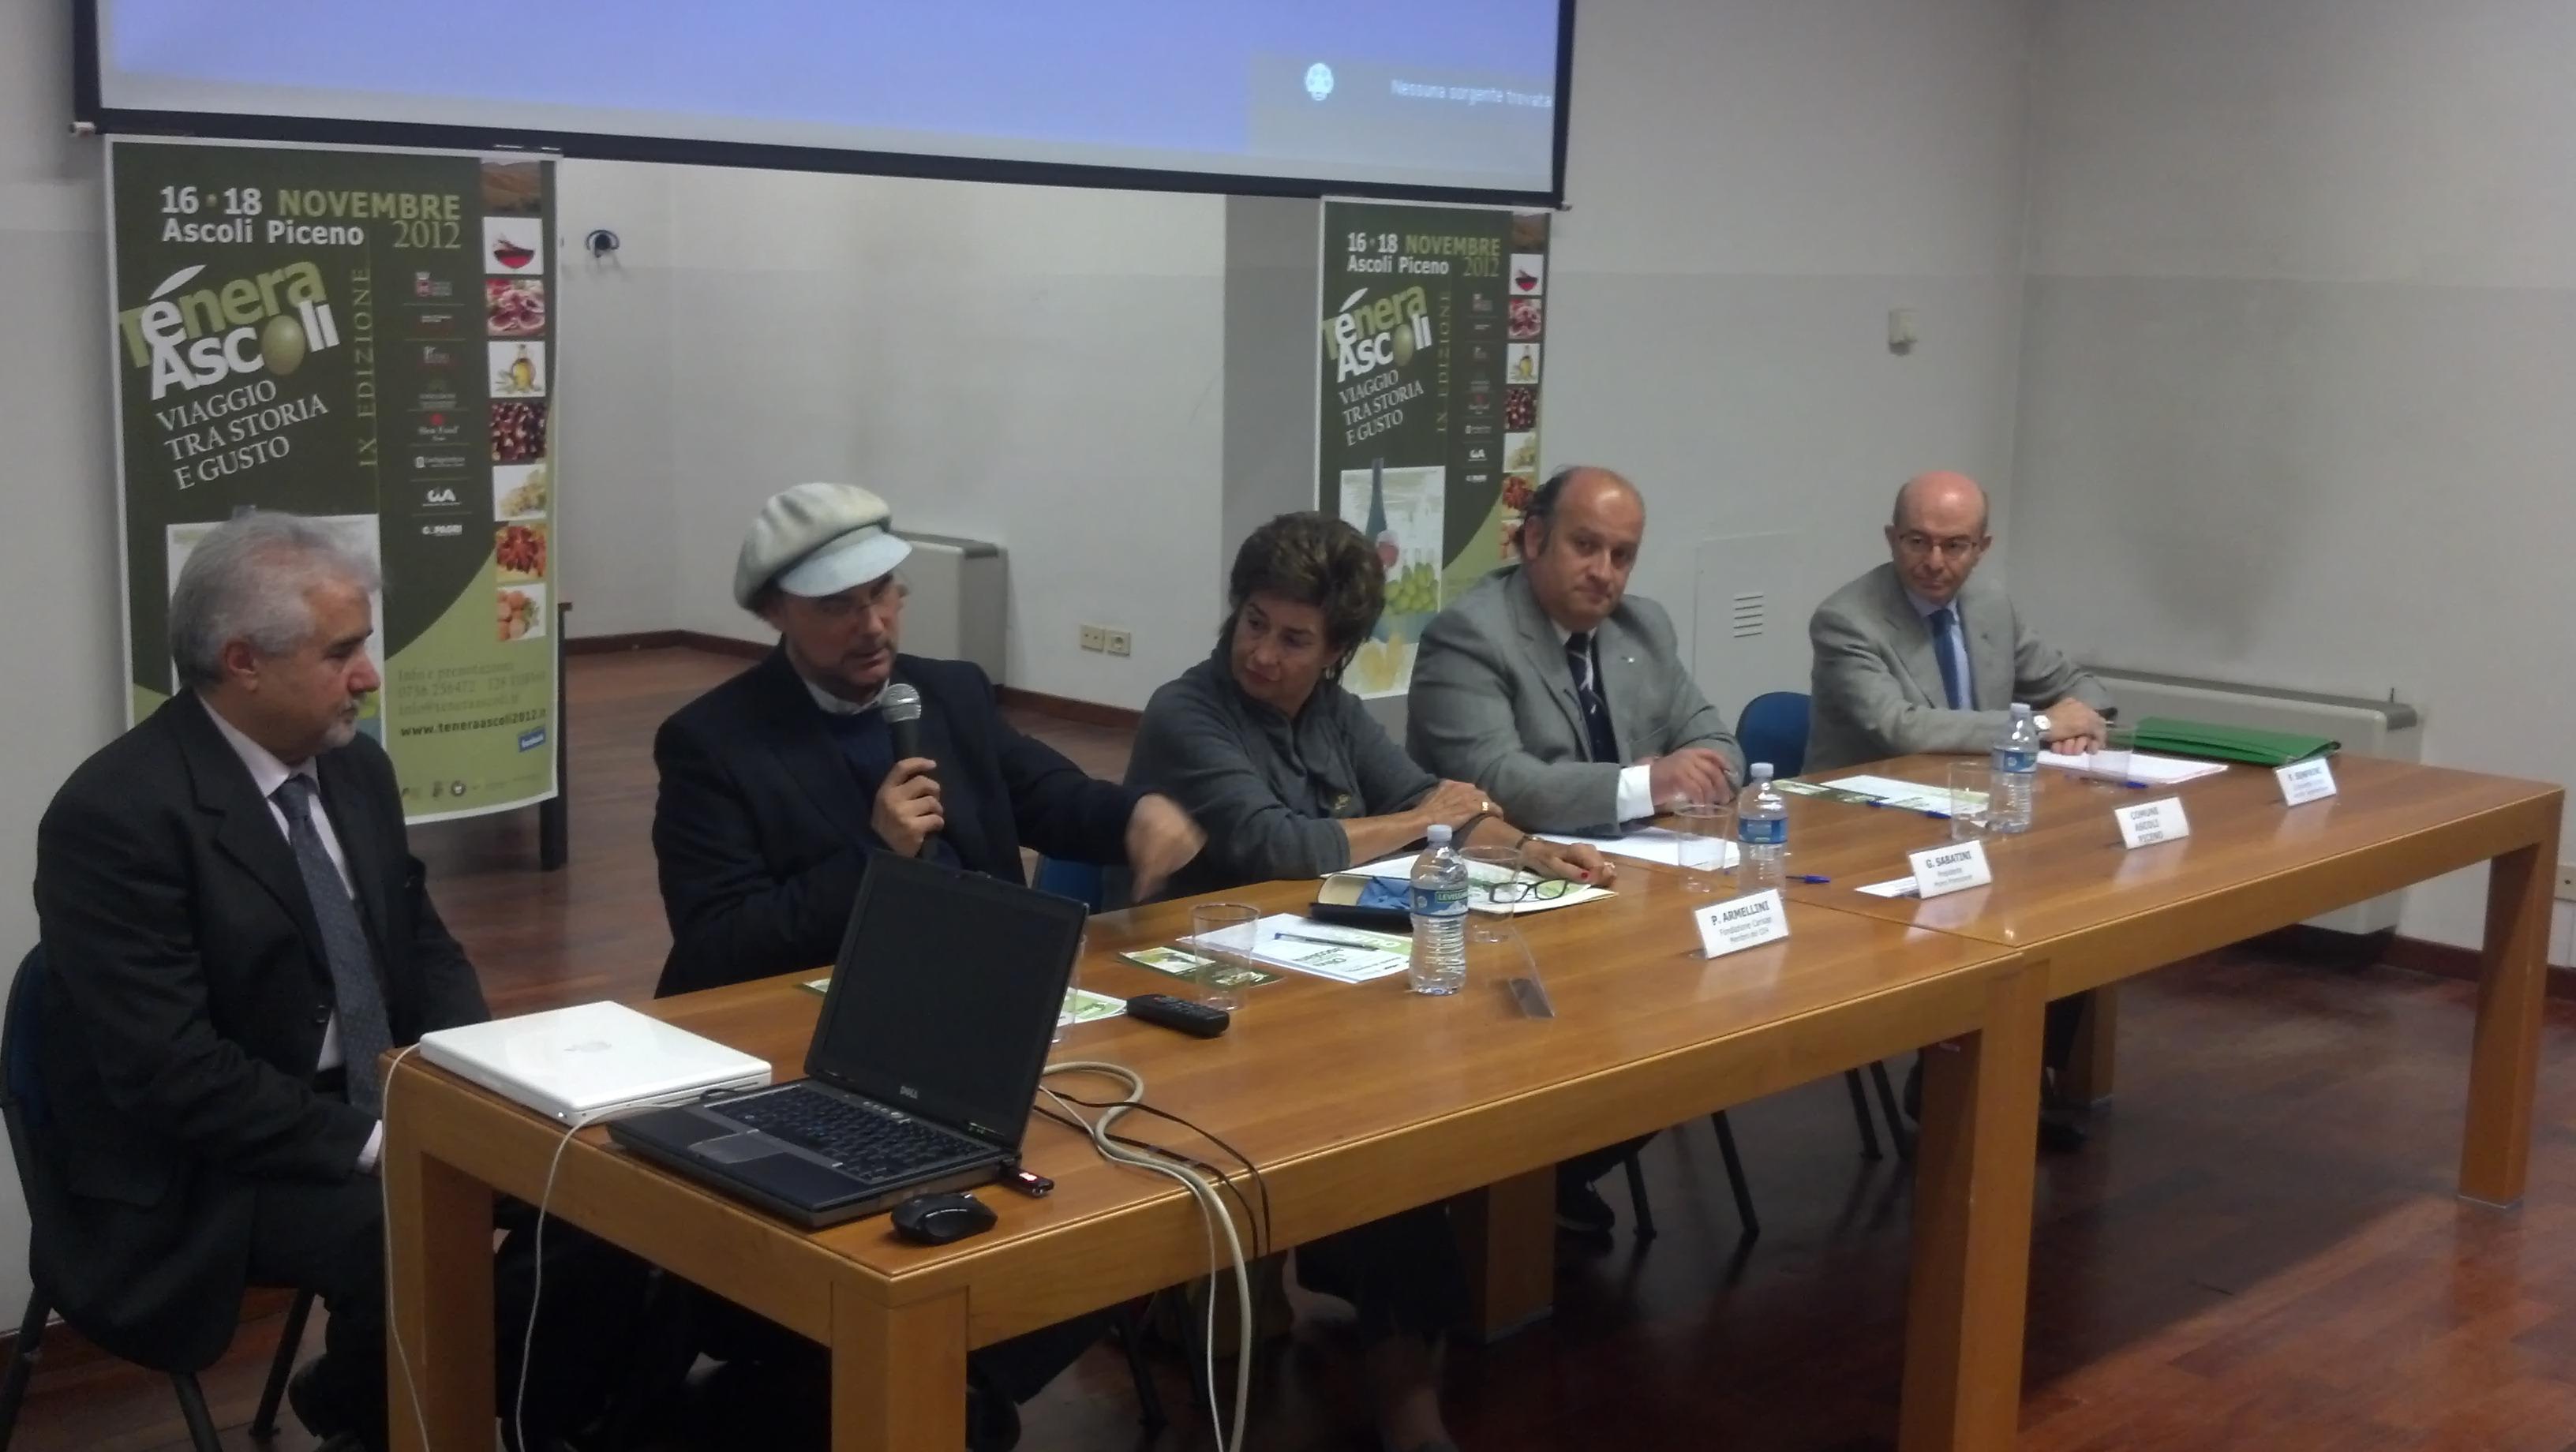 Un momento del convegno di Tenera Ascoli nella biblioteca comunale, venerdì 16 novembre. Col cappello, il giornalista Rai Luca Sardella